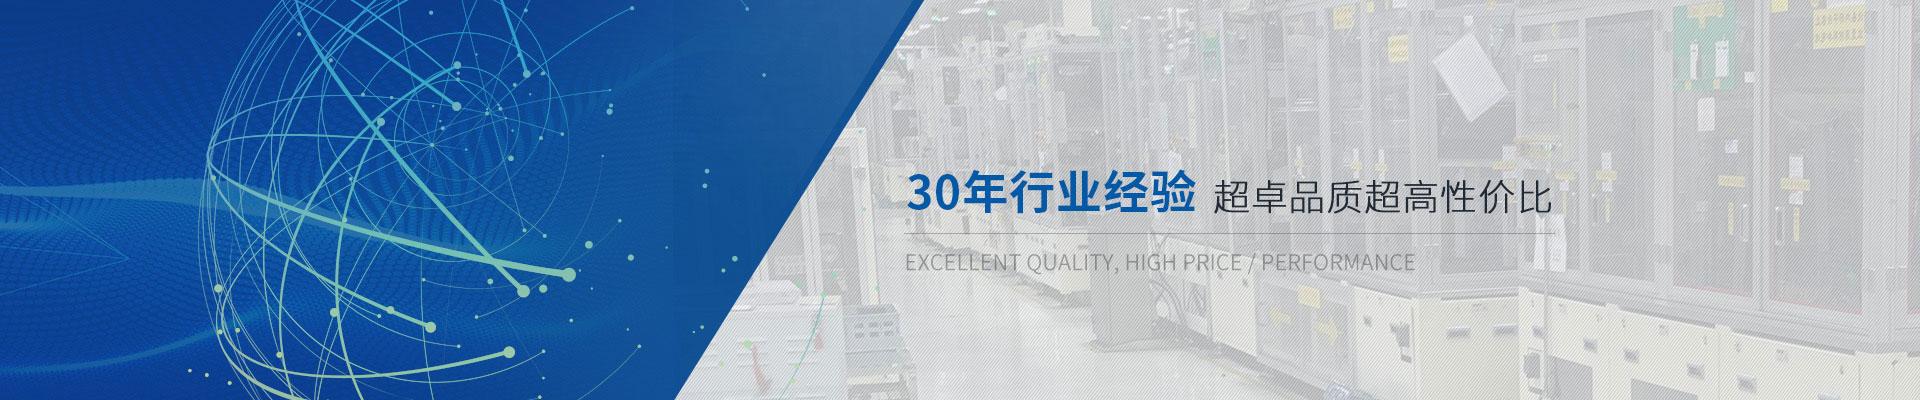 鸿发30年行业经验超卓品质超高性价比